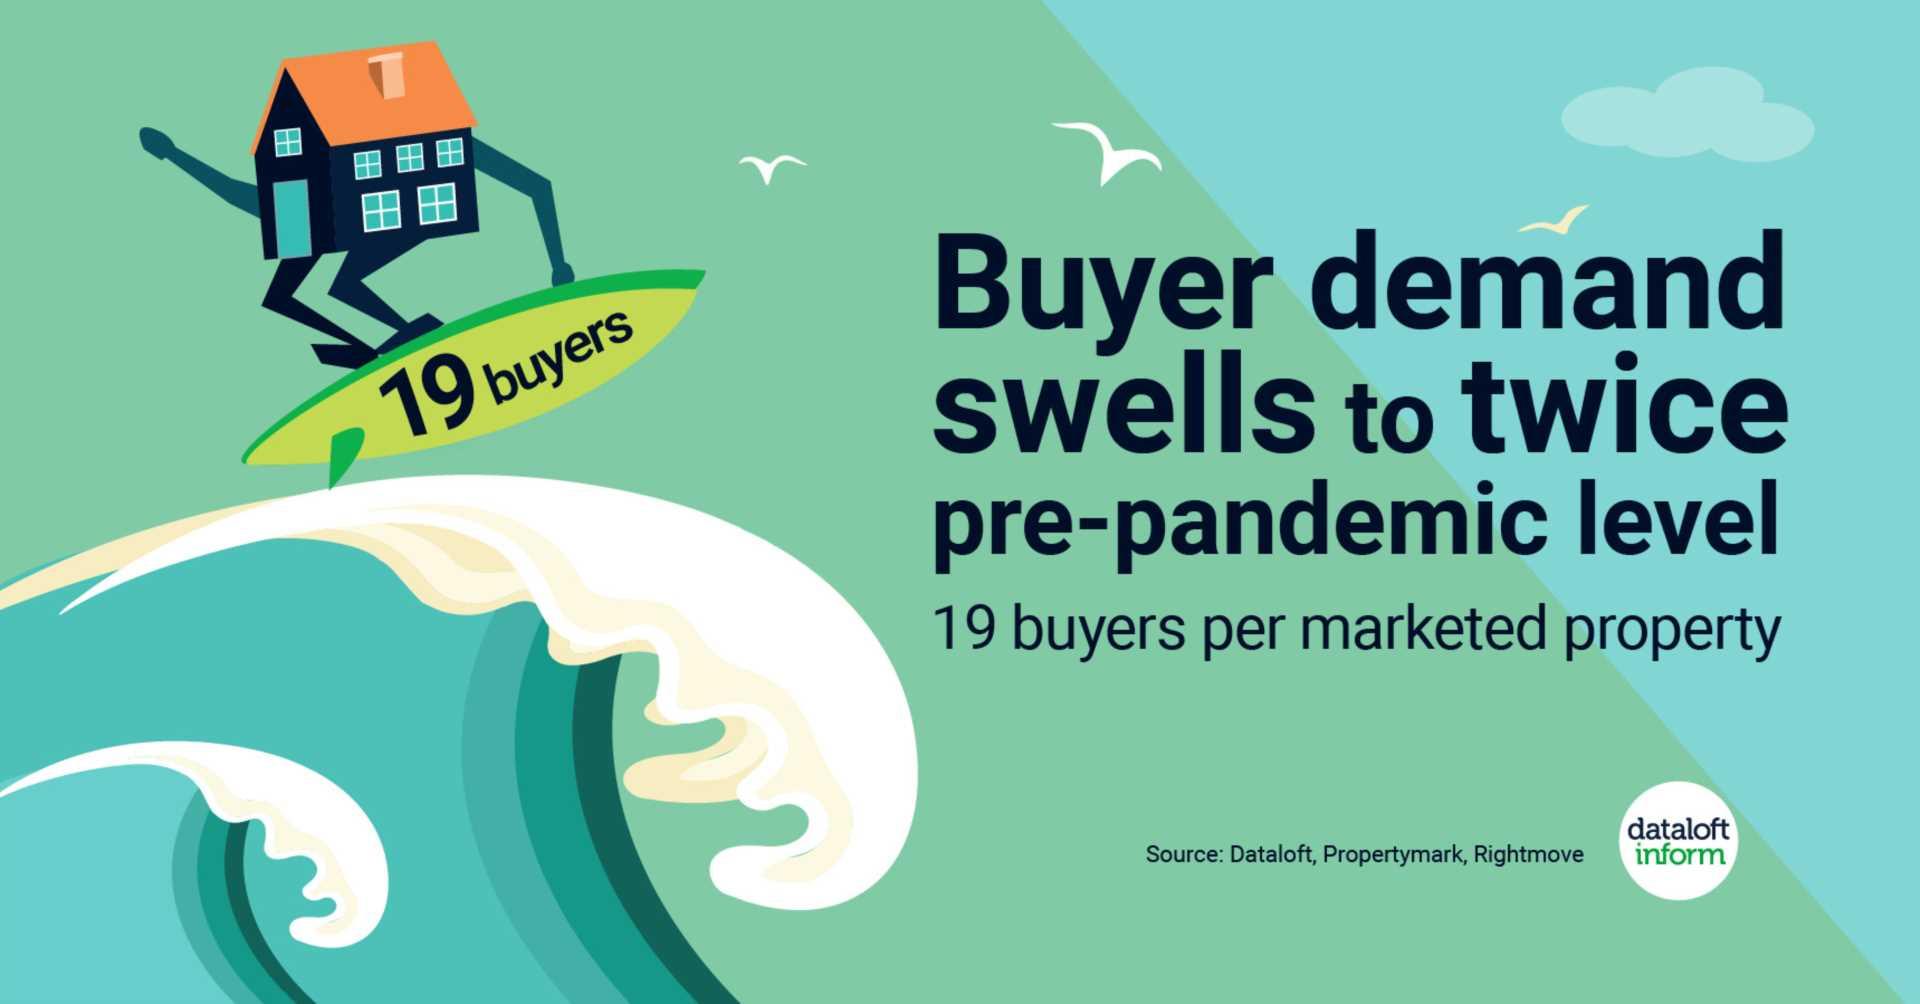 Buyer demand swells